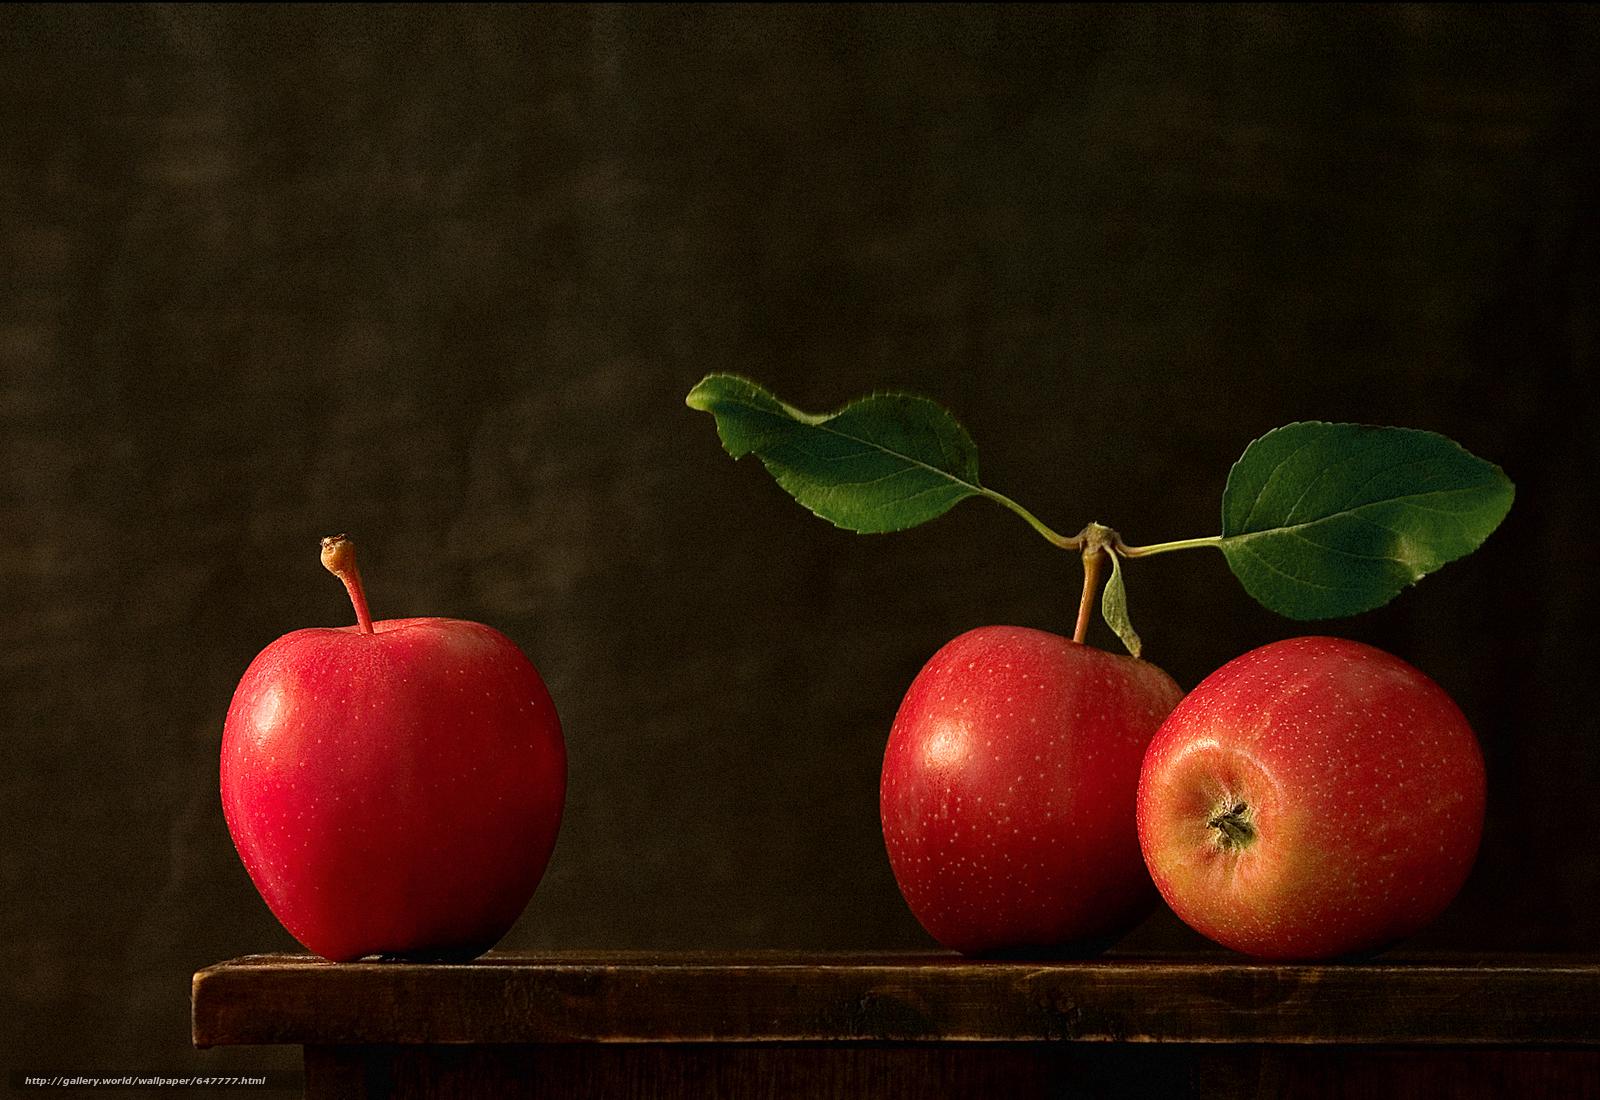 Скачать обои яблоки,  фрукты,  еда бесплатно для рабочего стола в разрешении 5300x3644 — картинка №647777